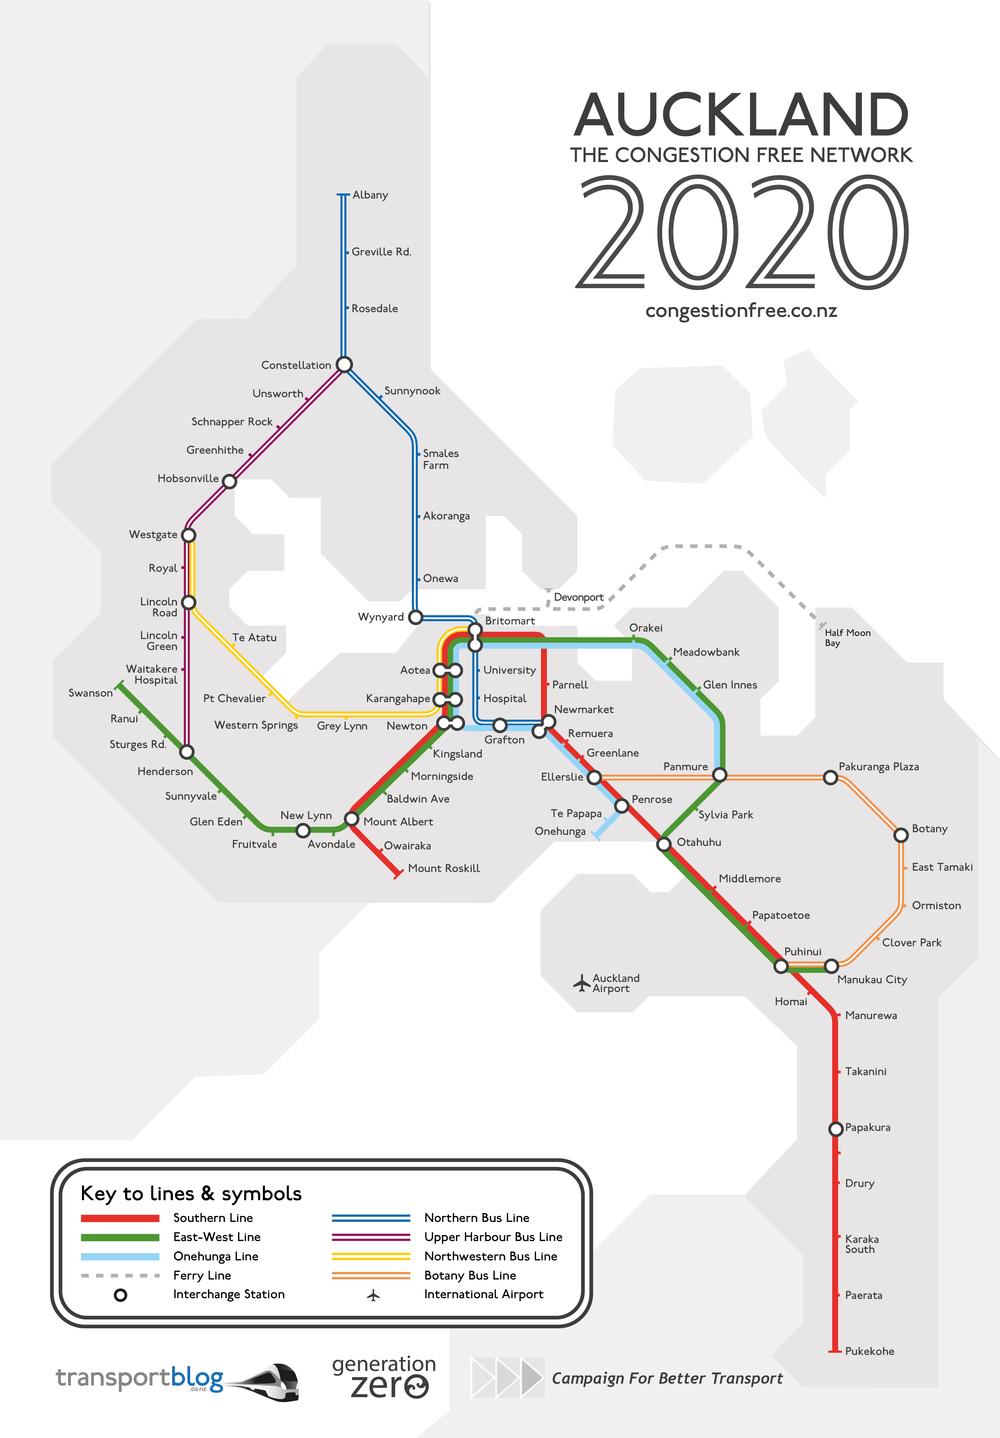 CFN 2020 July 20th-01.jpg